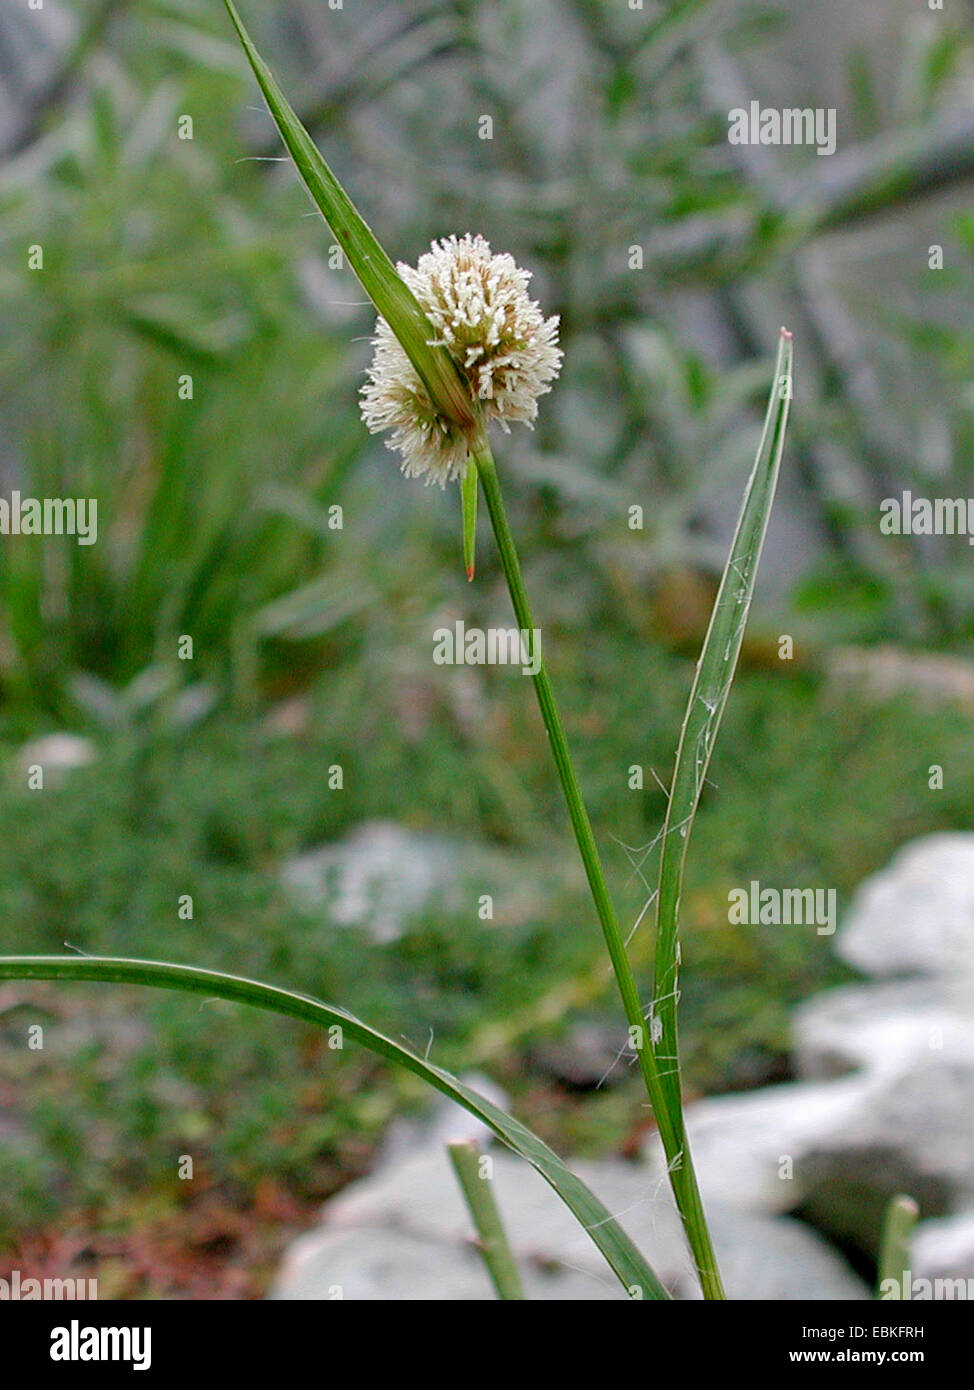 Luzula rufa (Luzula rufa), blooming - Stock Image